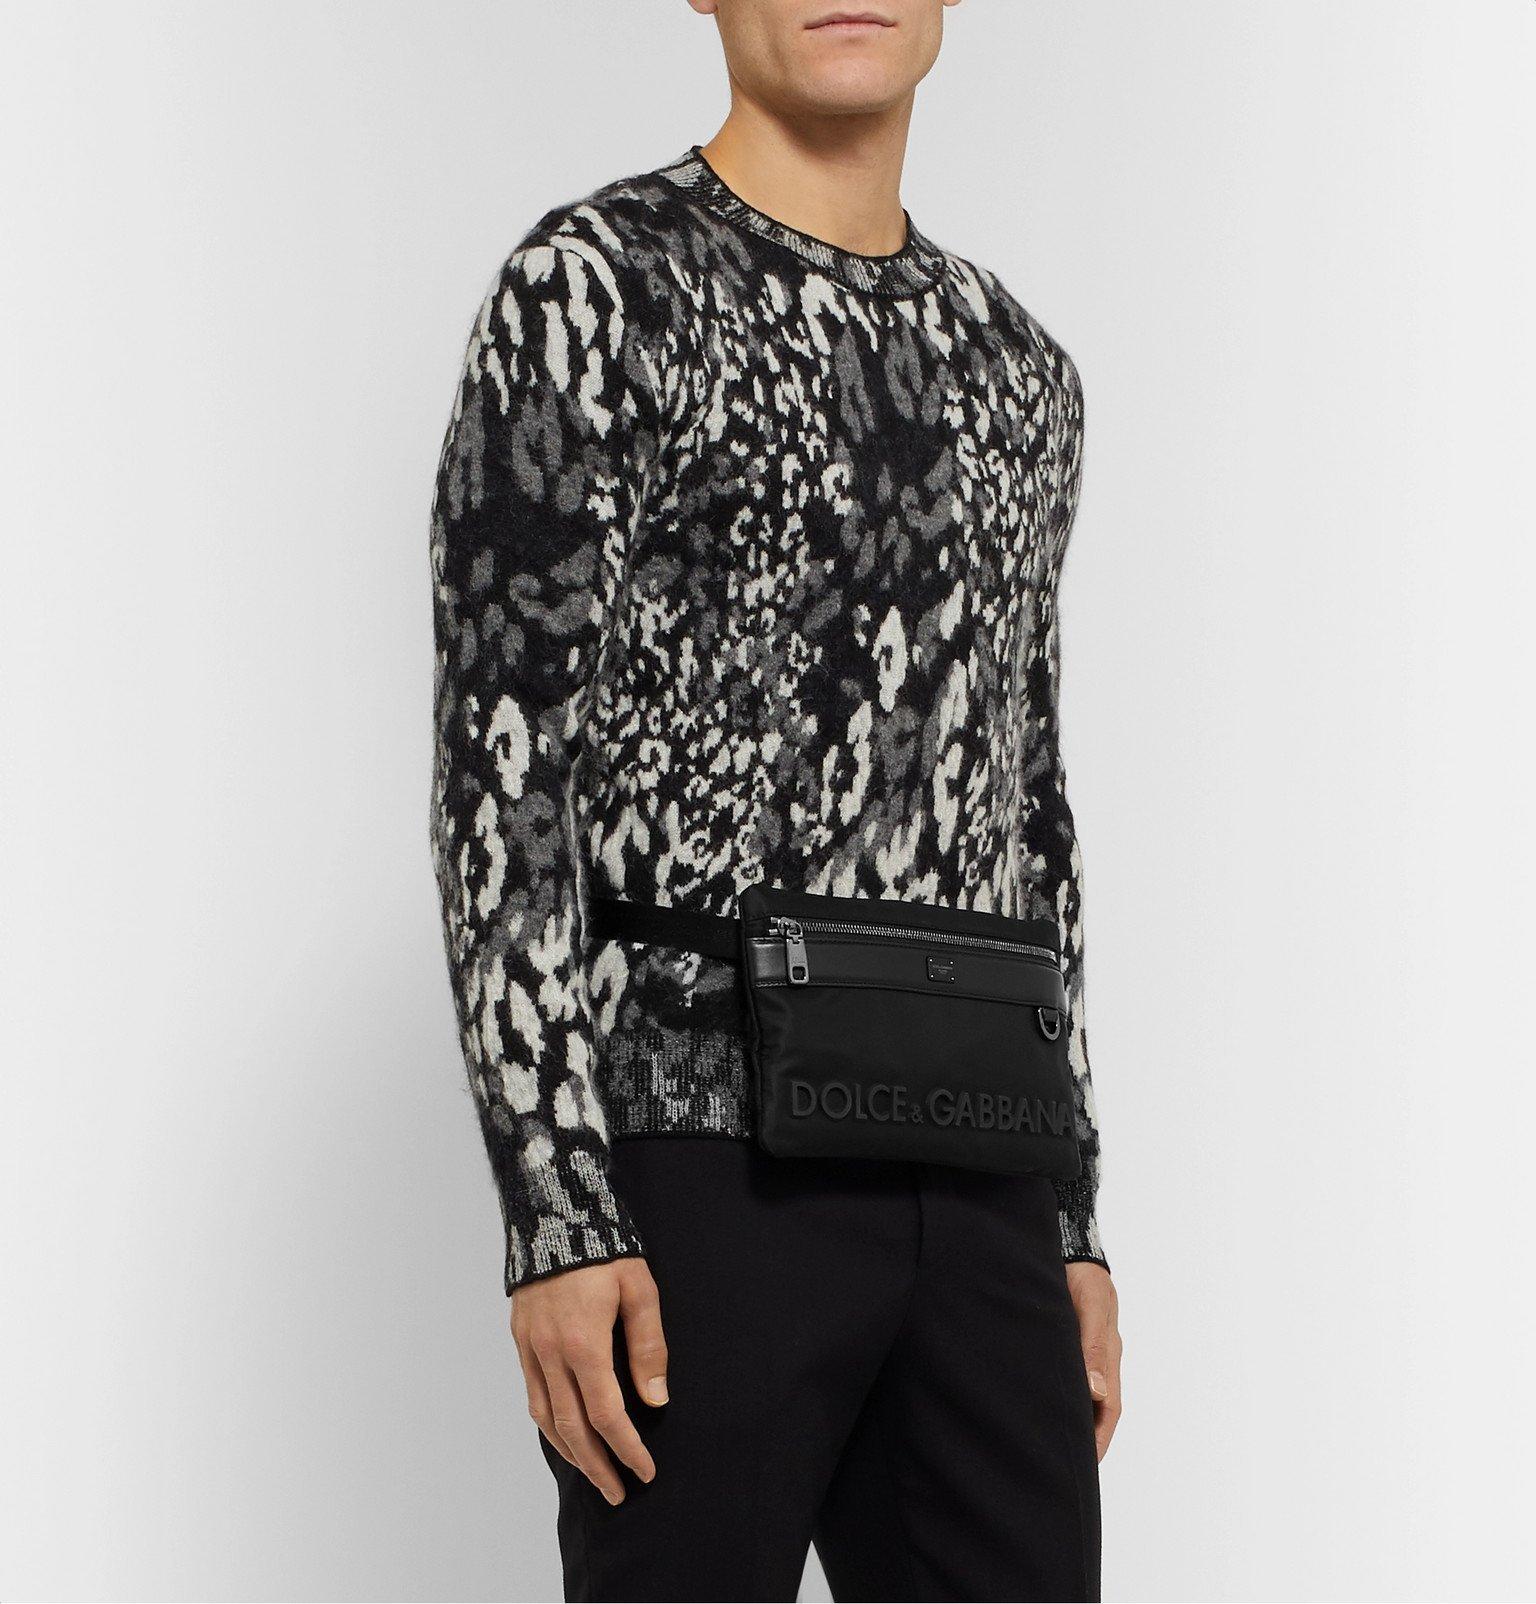 Dolce & Gabbana - Logo-Appliquéd Leather-Trimmed Nylon Belt Bag - Black